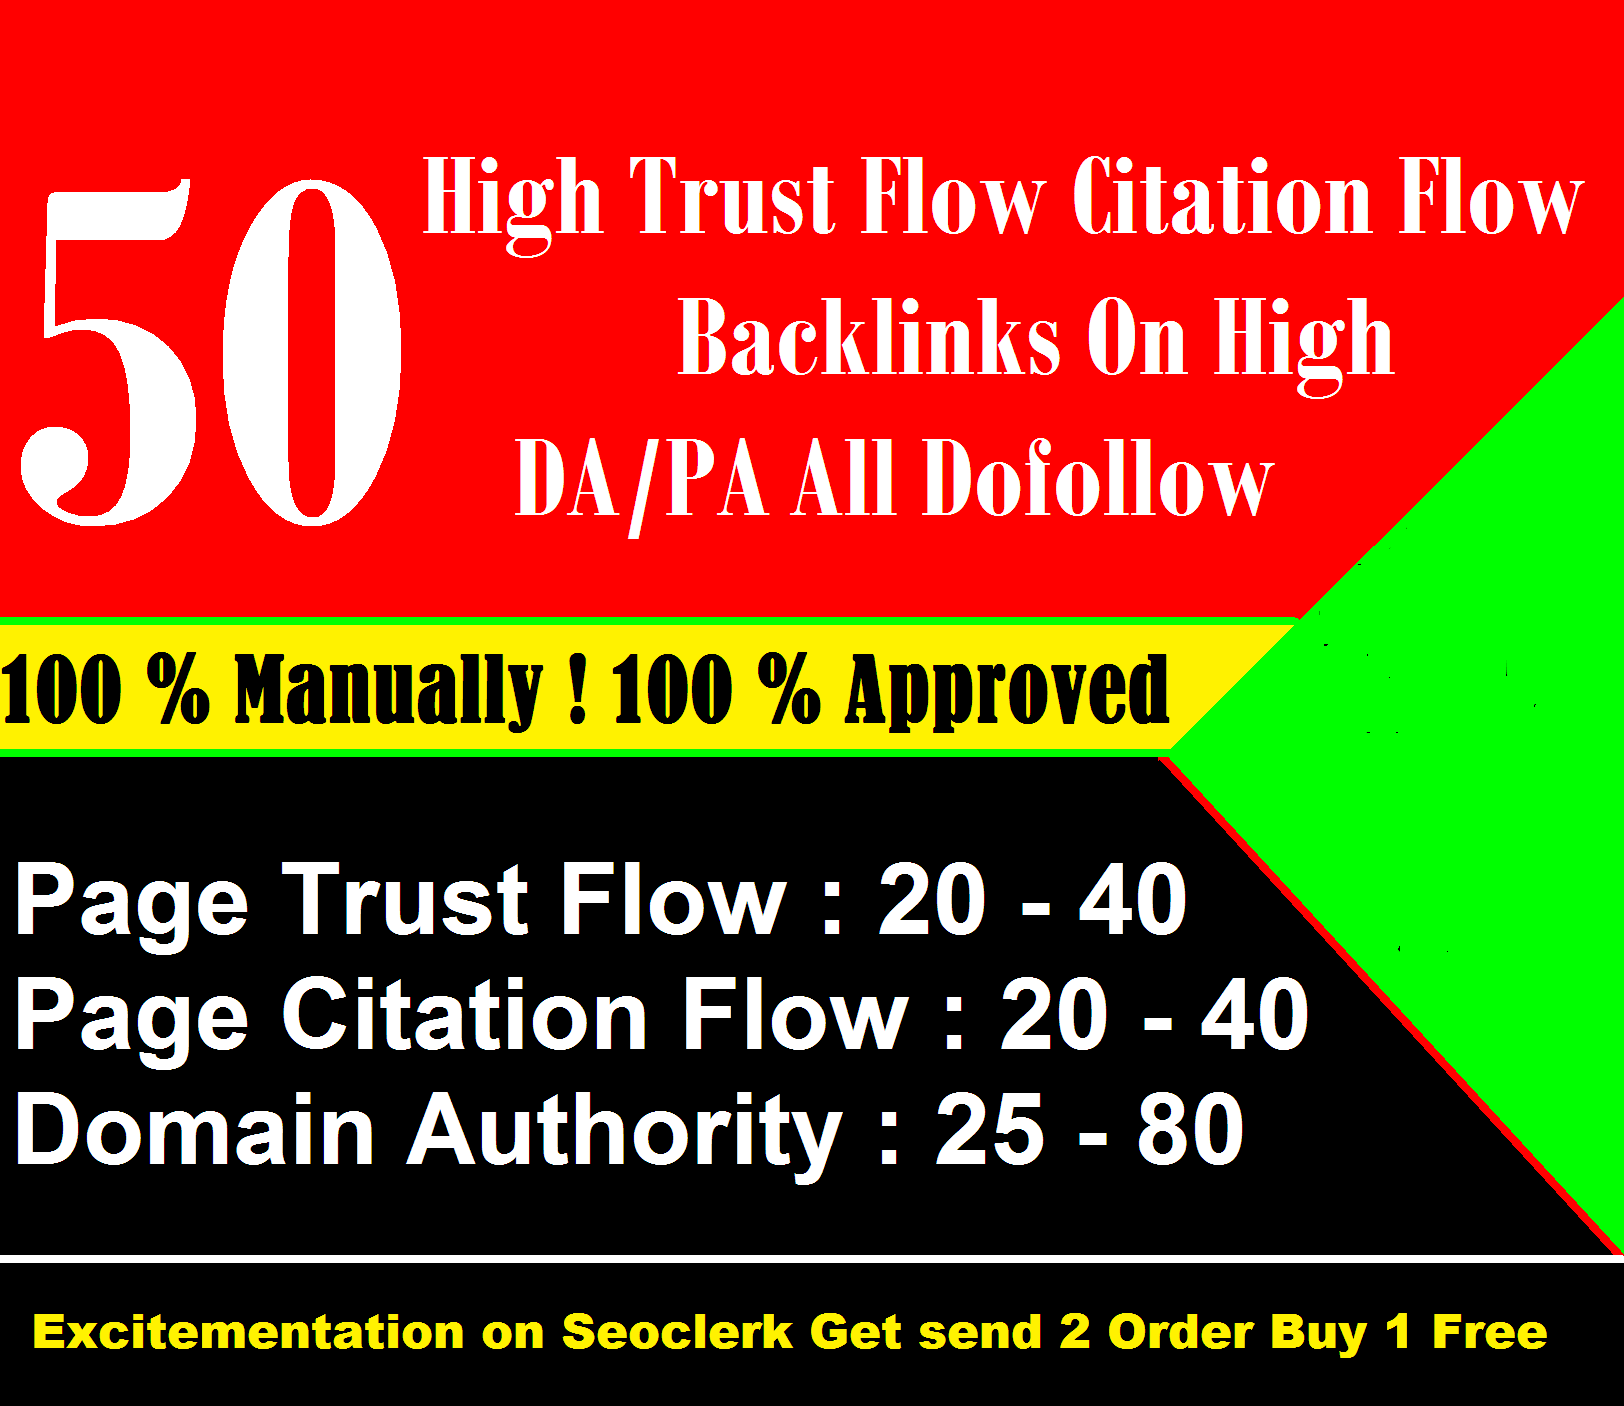 50 High Trust Flow Citation Flow Backlinks On High DA/PA ALL Dofollow